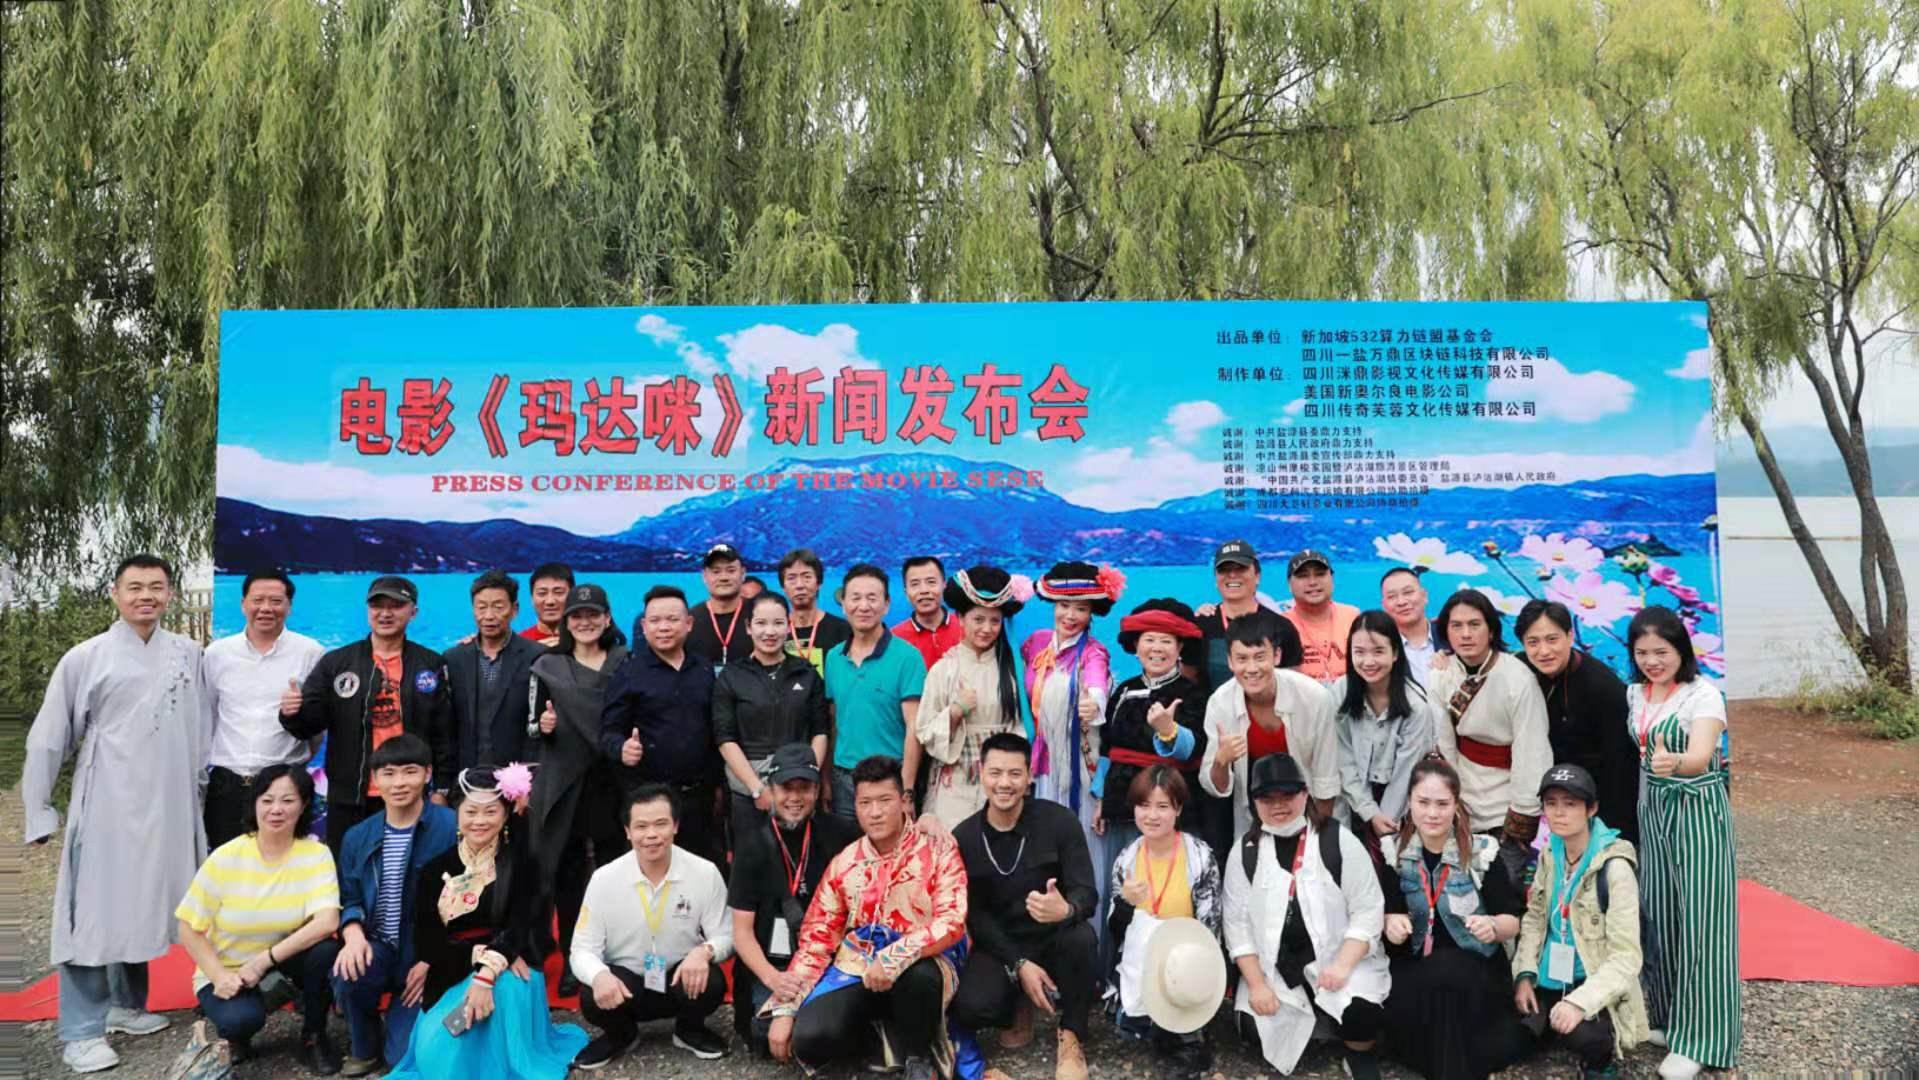 電影《瑪達咪》在四川瀘沽湖畔舉行開機儀式